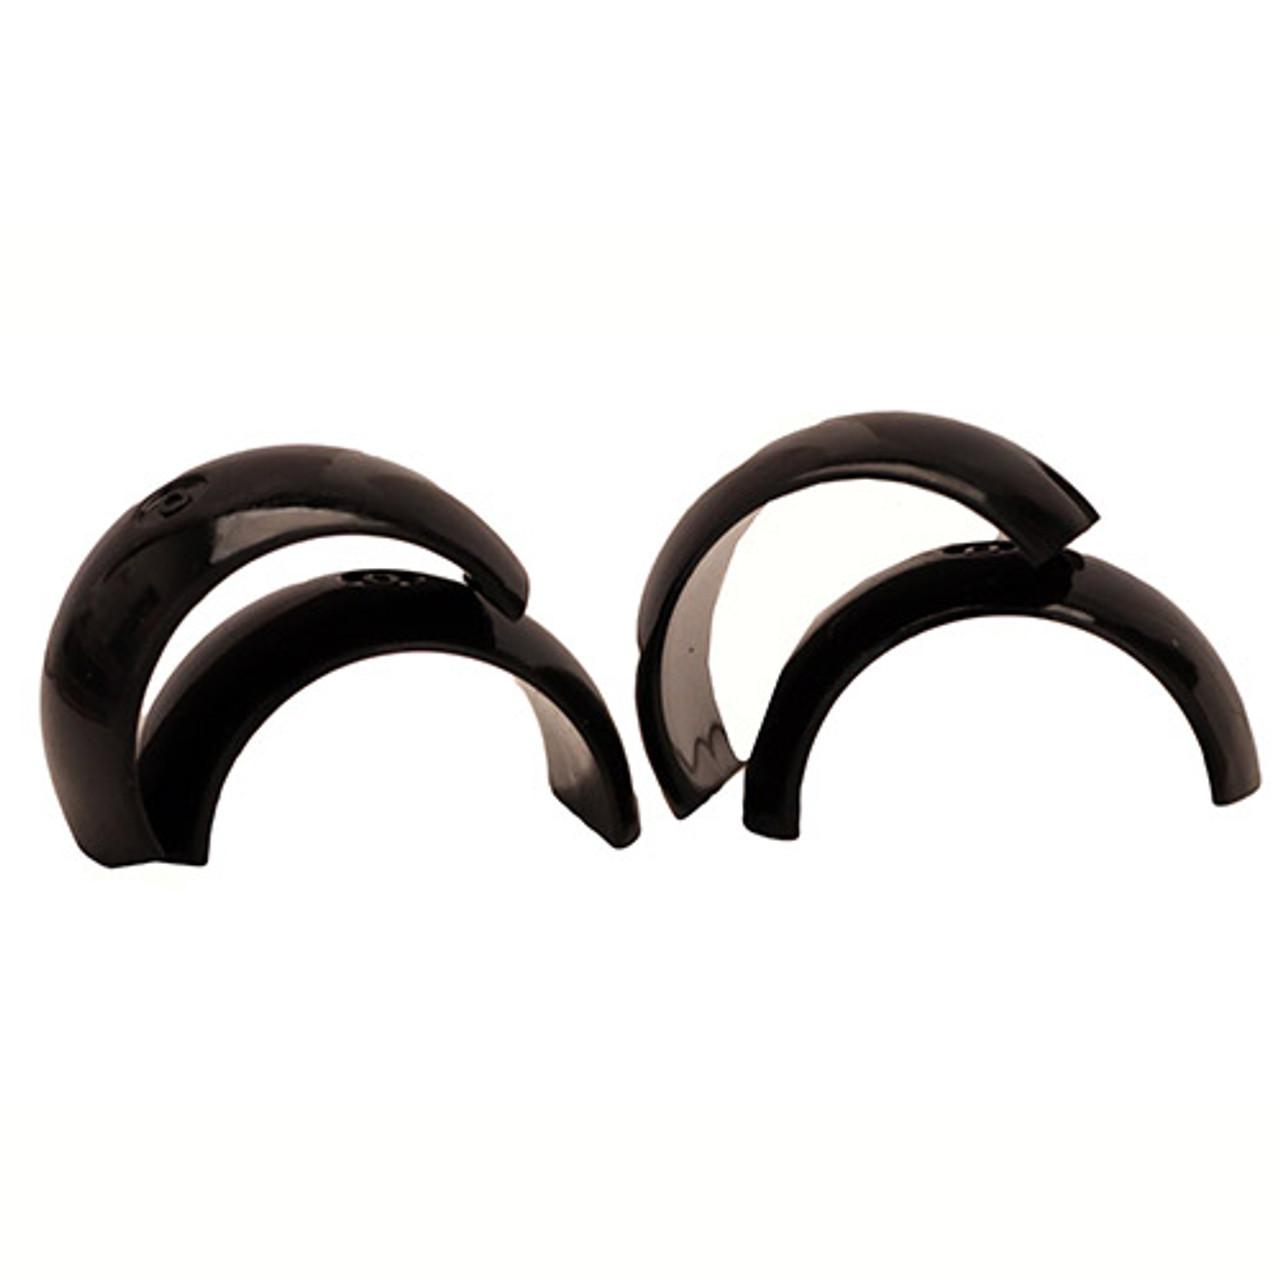 Burris Signature 1 Ring High Blk Matte 420511 Optics Rings Optics ...